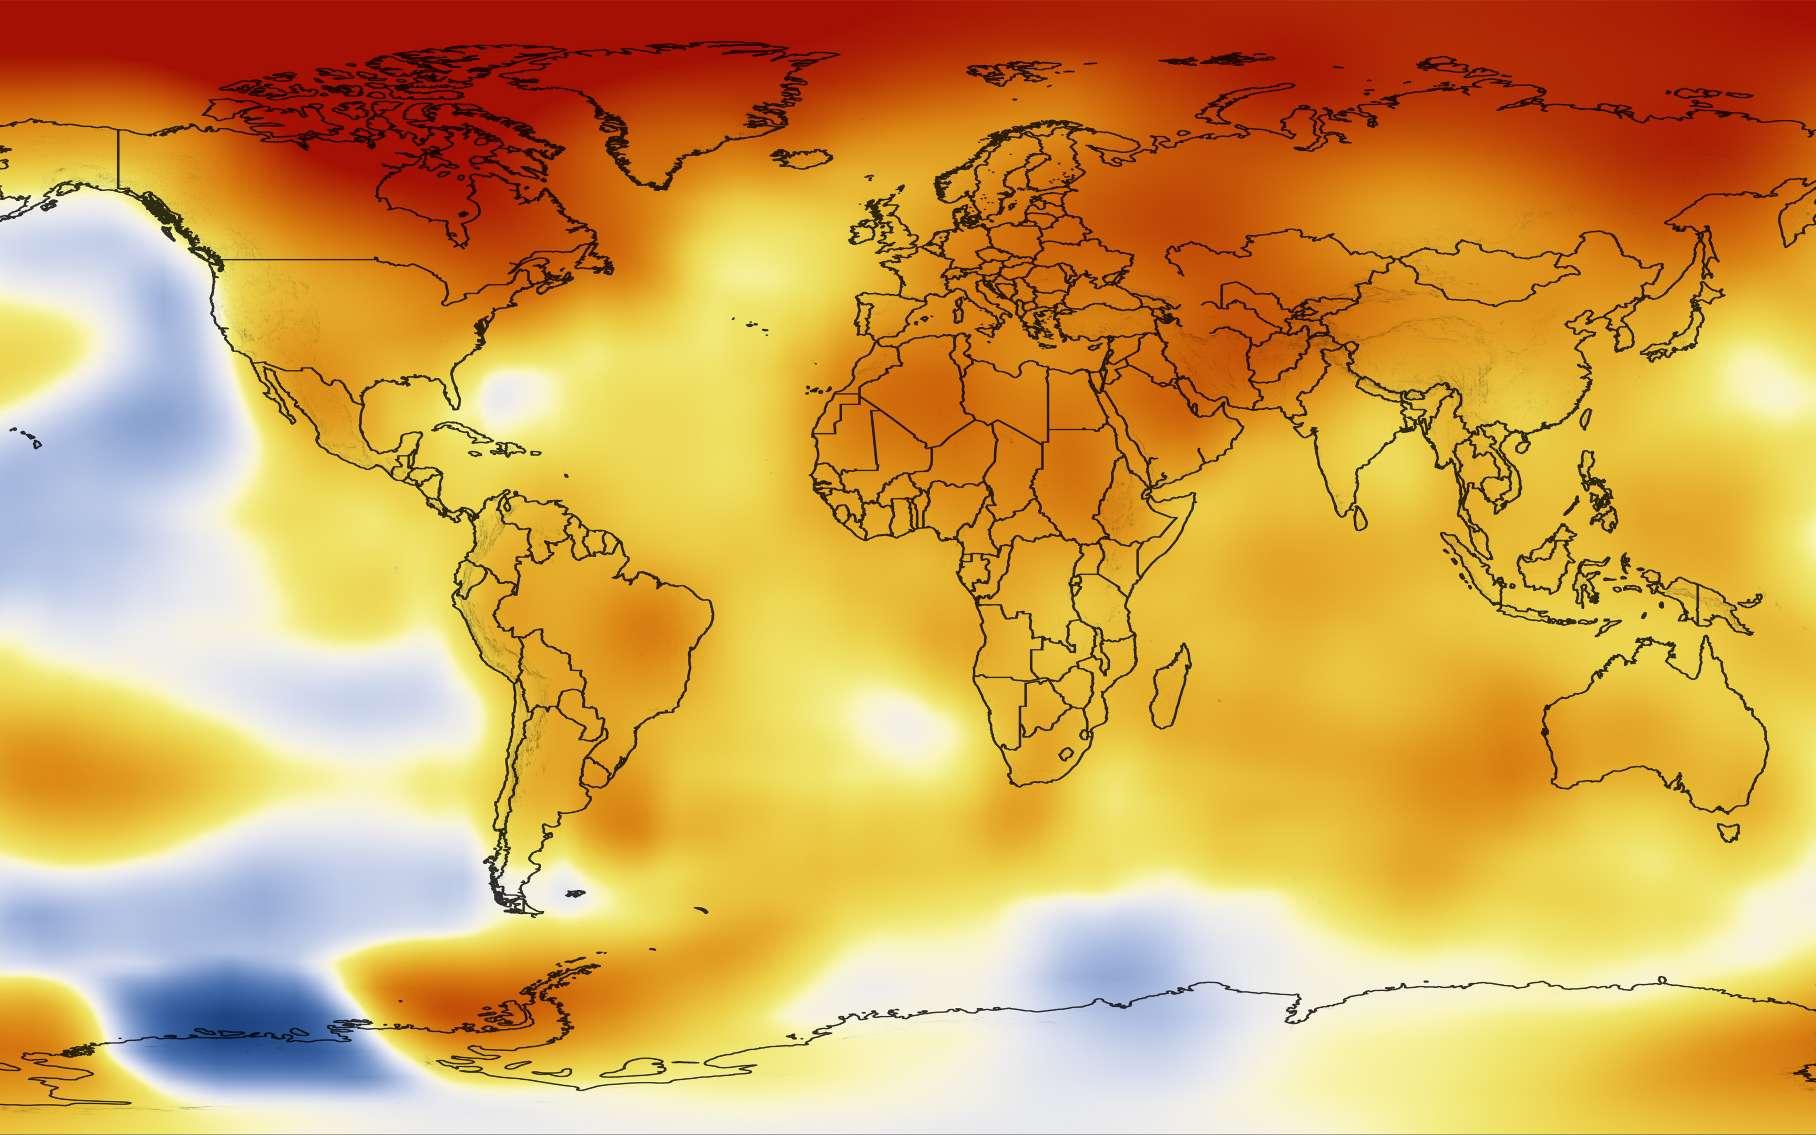 Les anomalies de la température annuelle, c'est-à-dire l'écart par rapport à la moyenne de la période 1951-1980, ont été calculées de 2008 à 2012. La carte montre la moyenne globale annuelle de ces quatre dernières années. On observe que la quasi-totalité du monde est soumise à des anomalies positives qui suggèrent un important réchauffement durant cette période. © Nasa Goddard's Scientific Visualization Studio